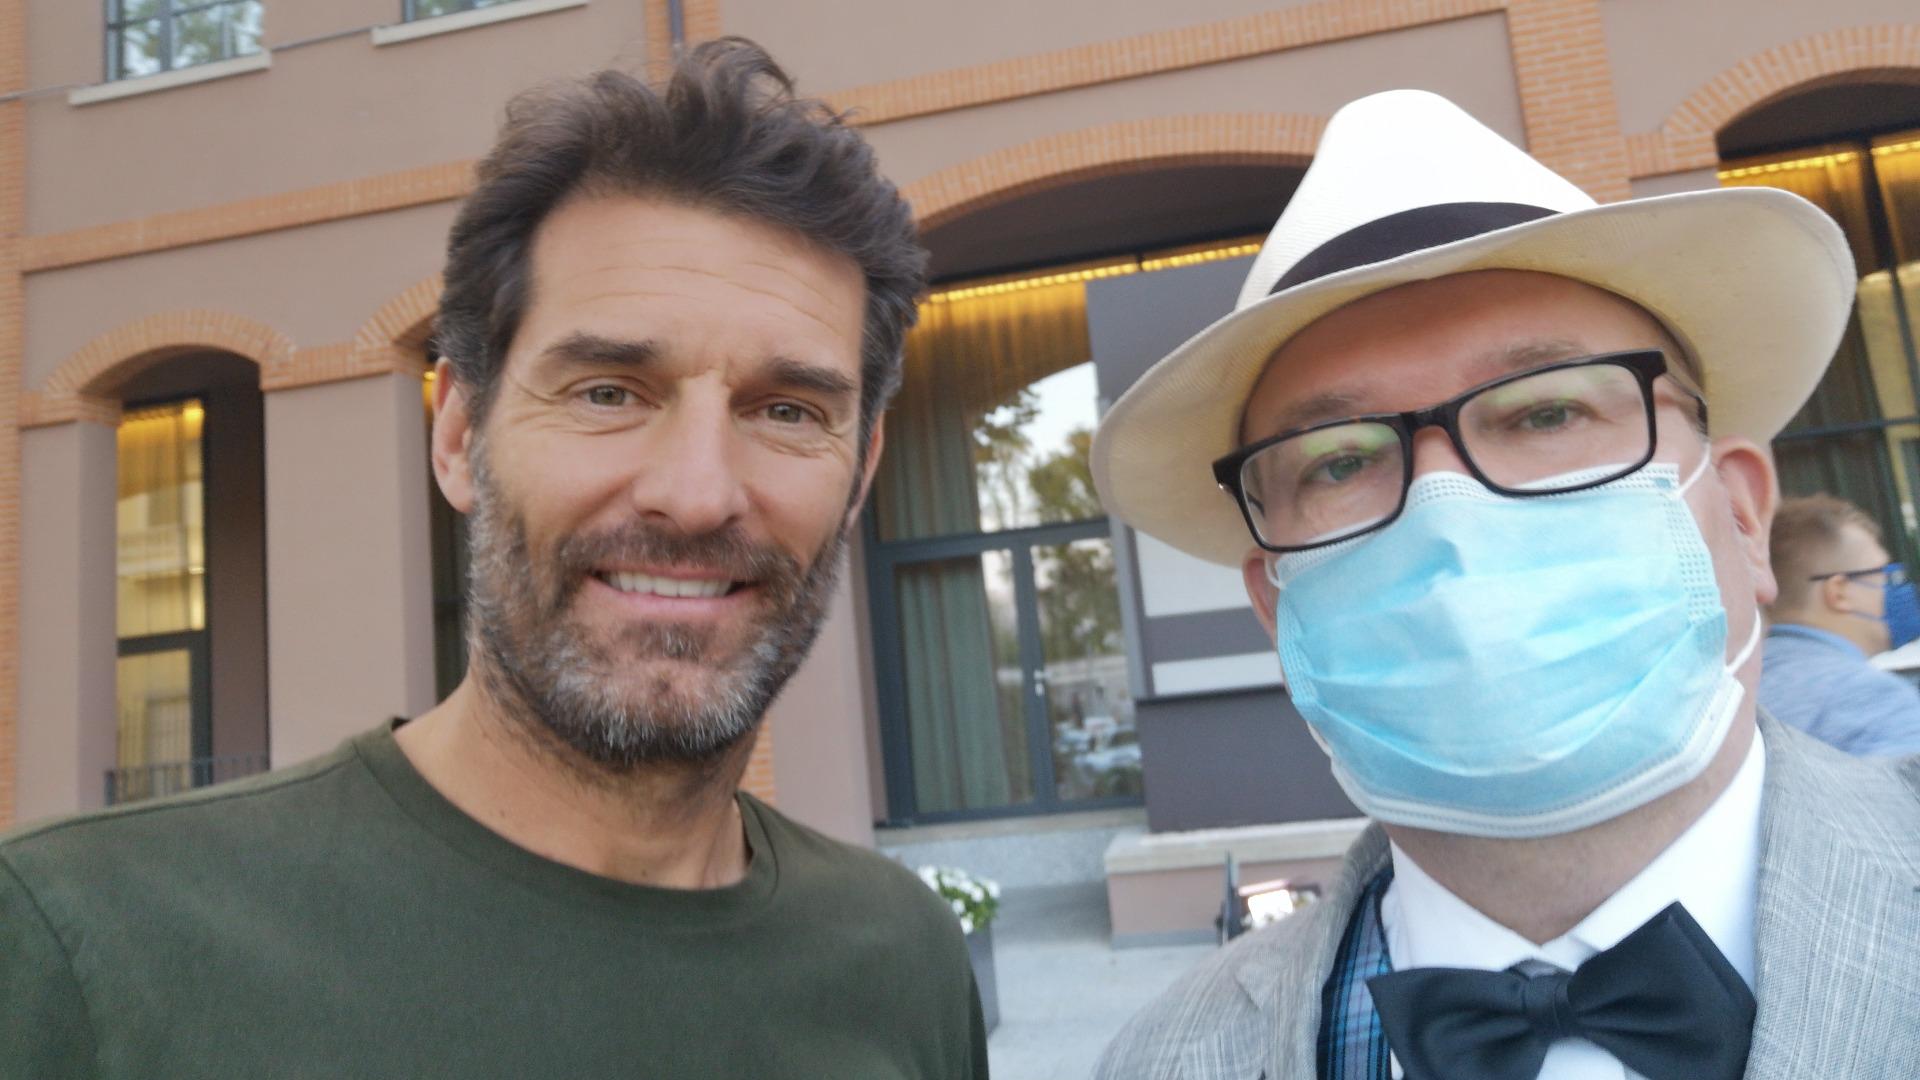 Undertegnede tok en selfie med Mark Webber, som var vennligheten selv.